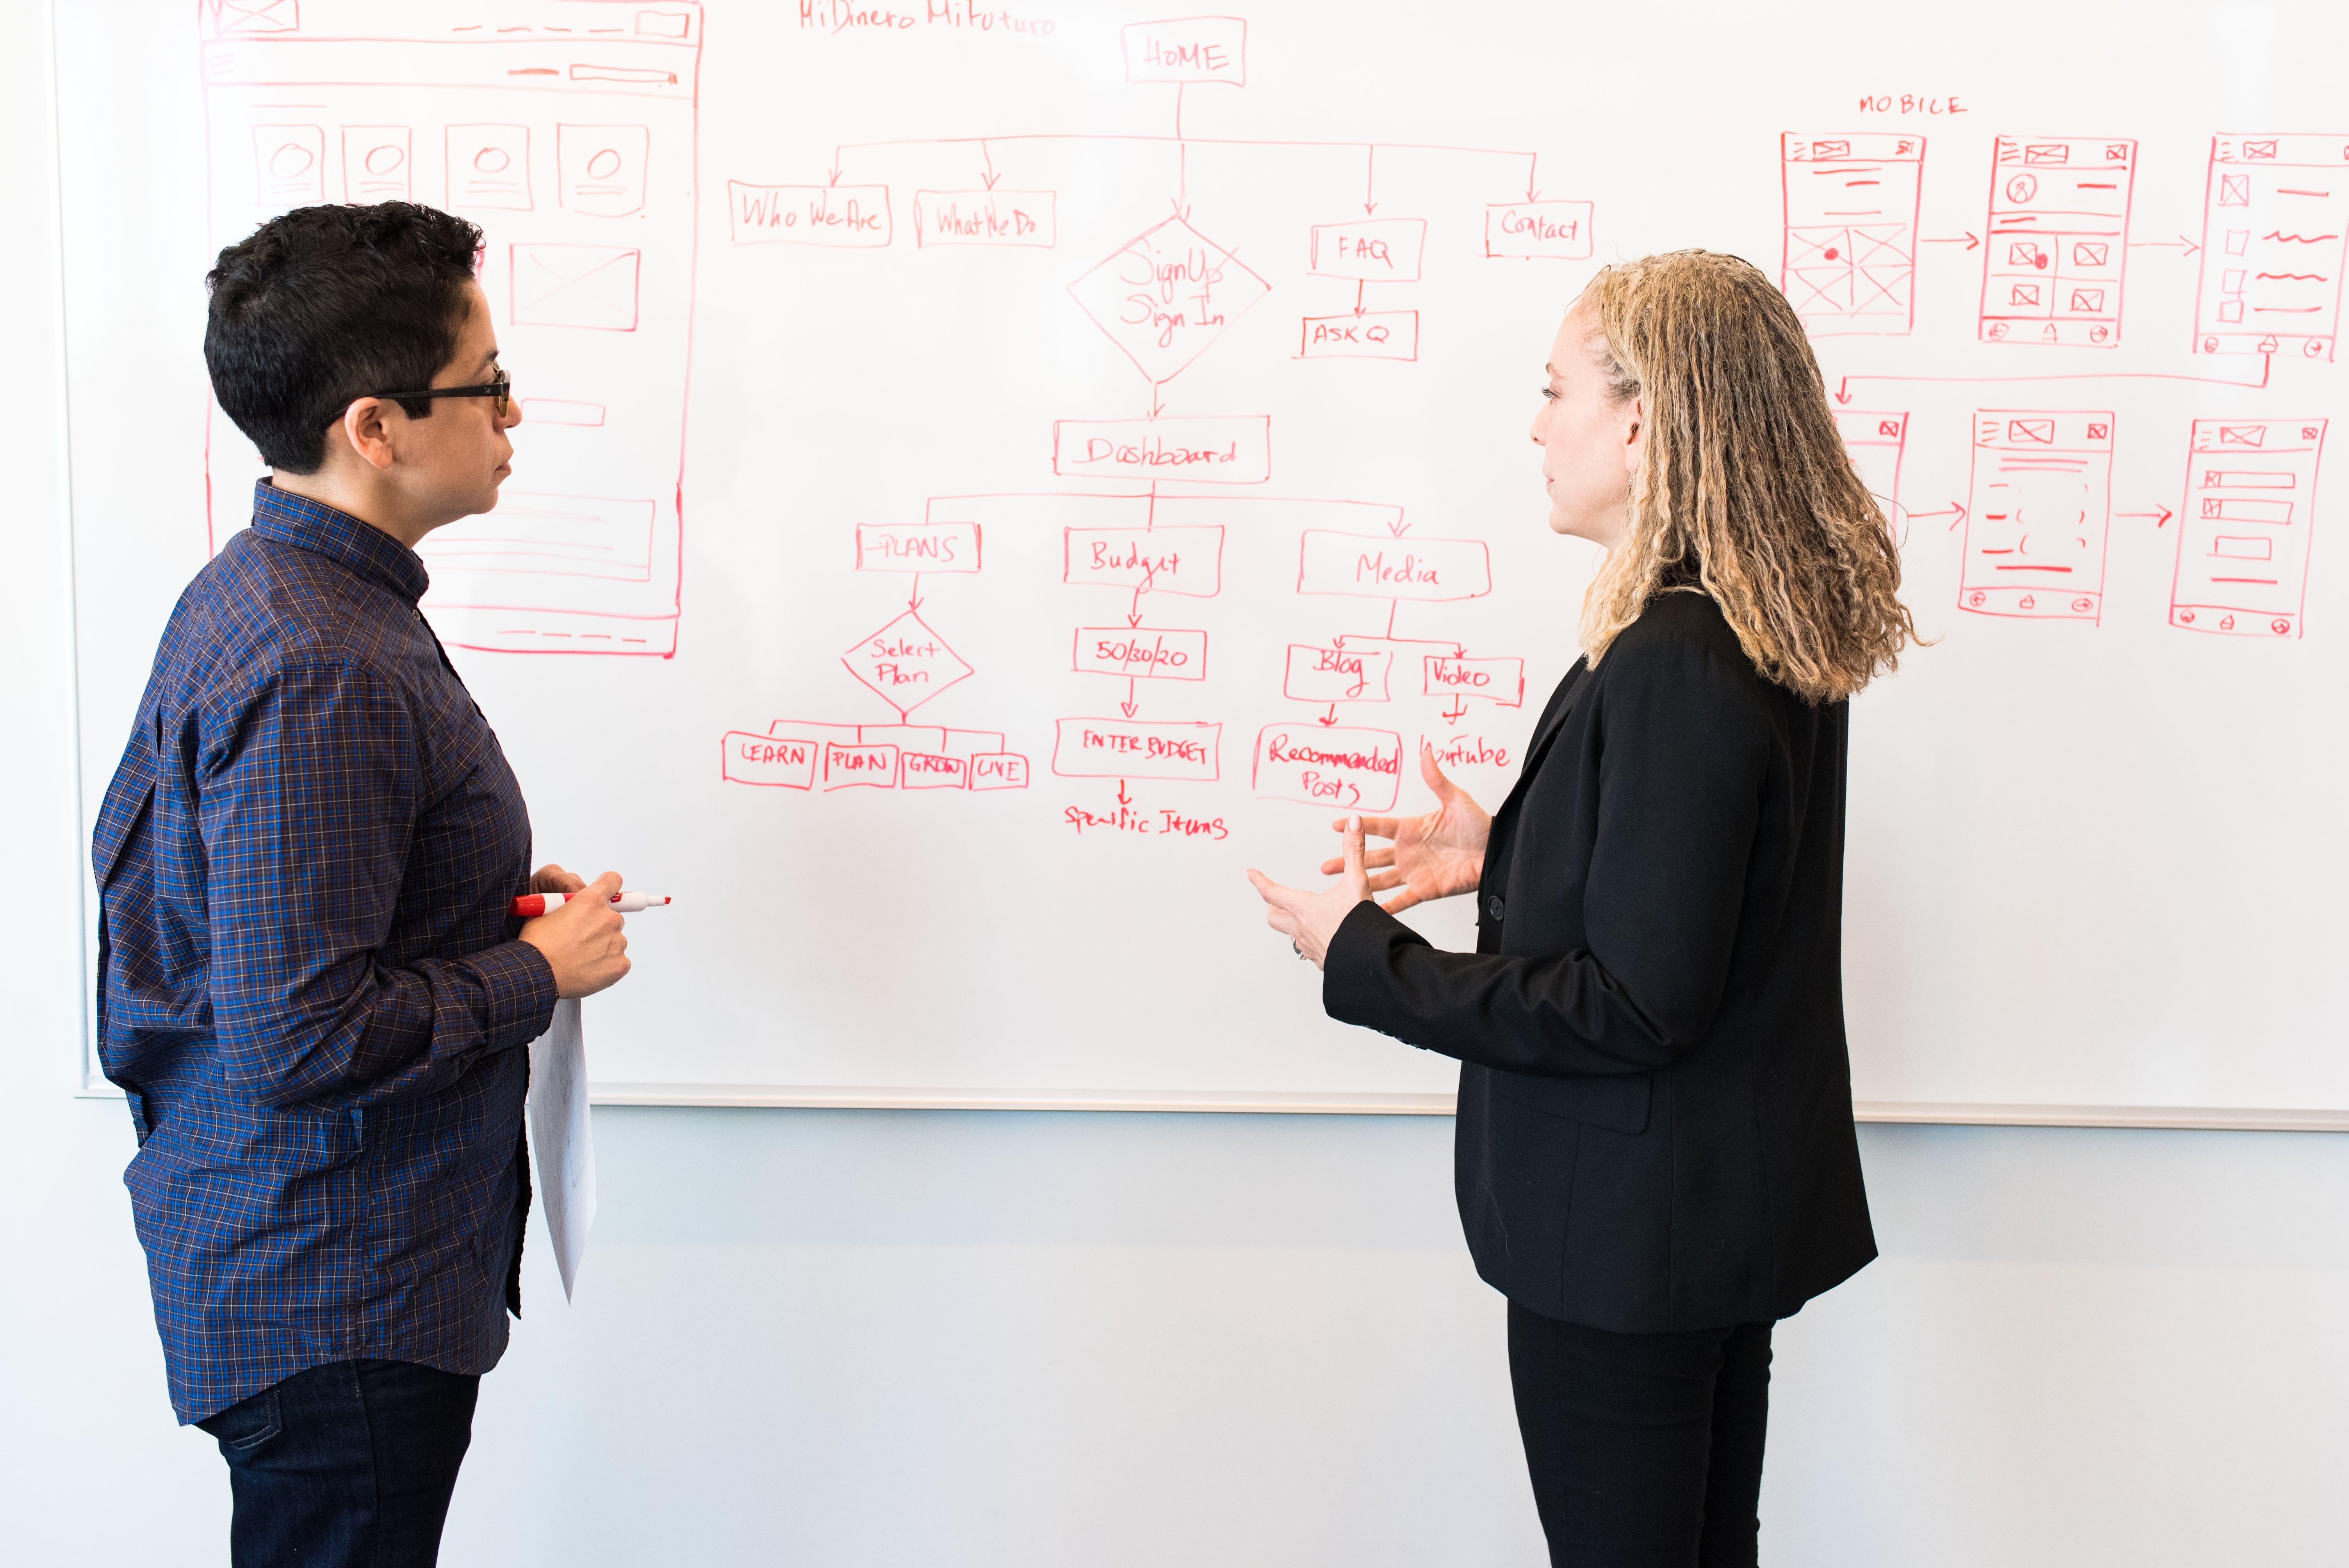 Zwei Personen stehen vor einem Whiteboard und erklären sich das Schaubild.